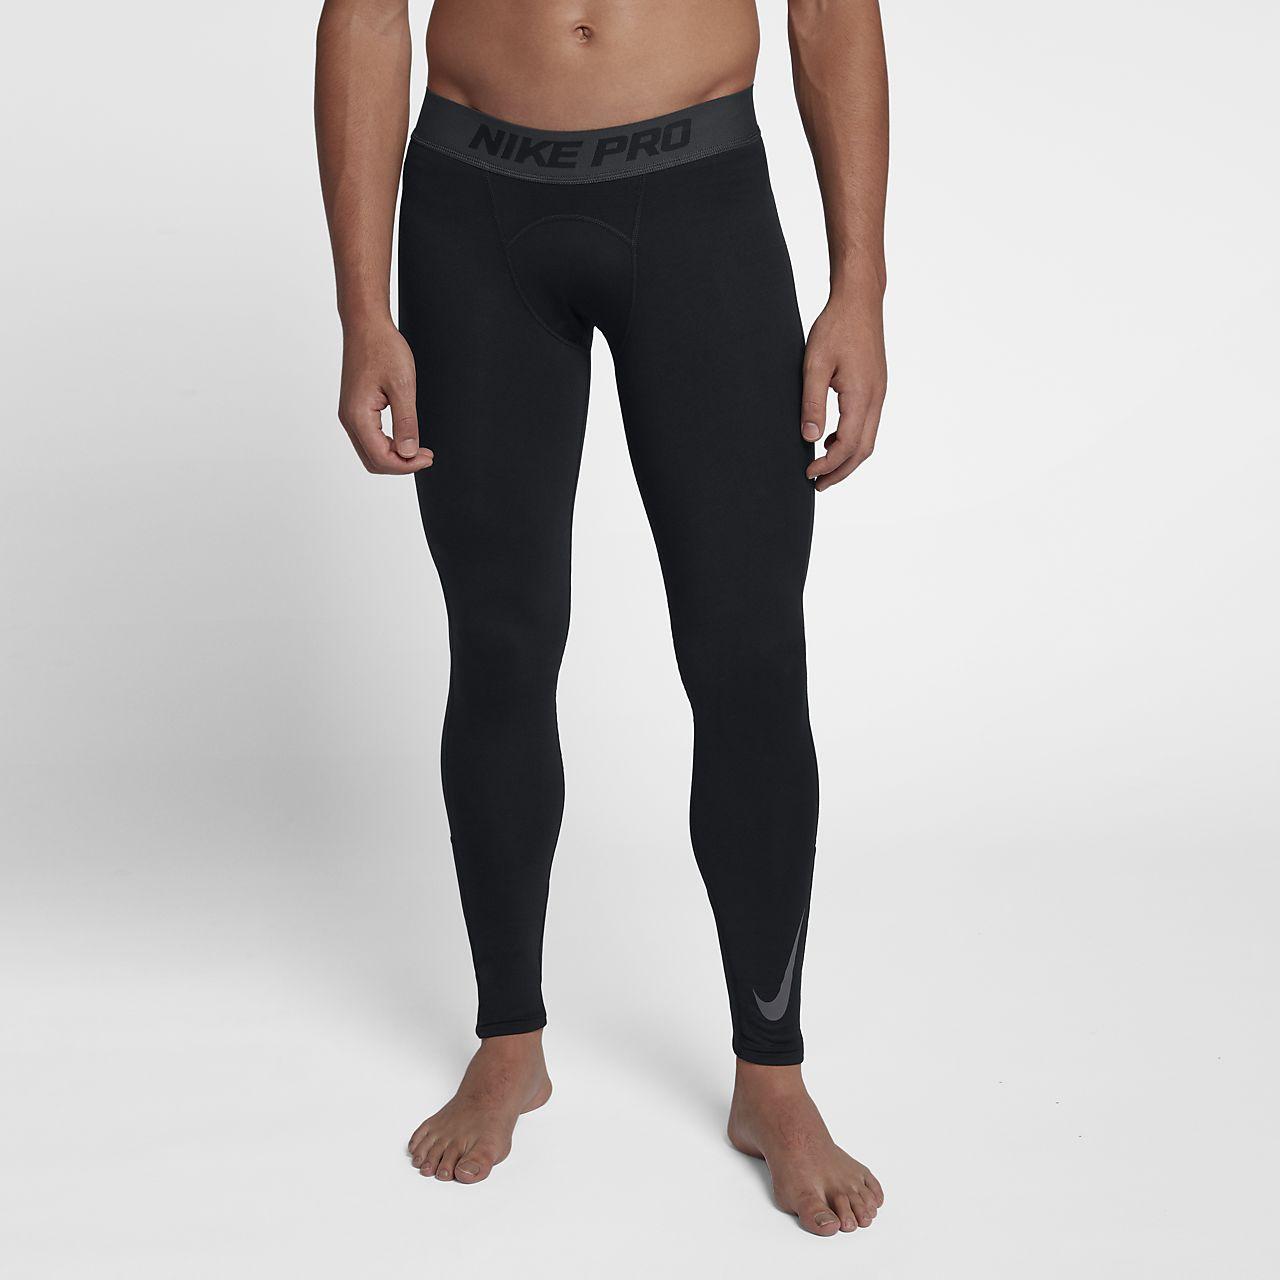 f16dacdc255b2 Nike Pro Dri-FIT Therma Men's Tights. Nike.com GB